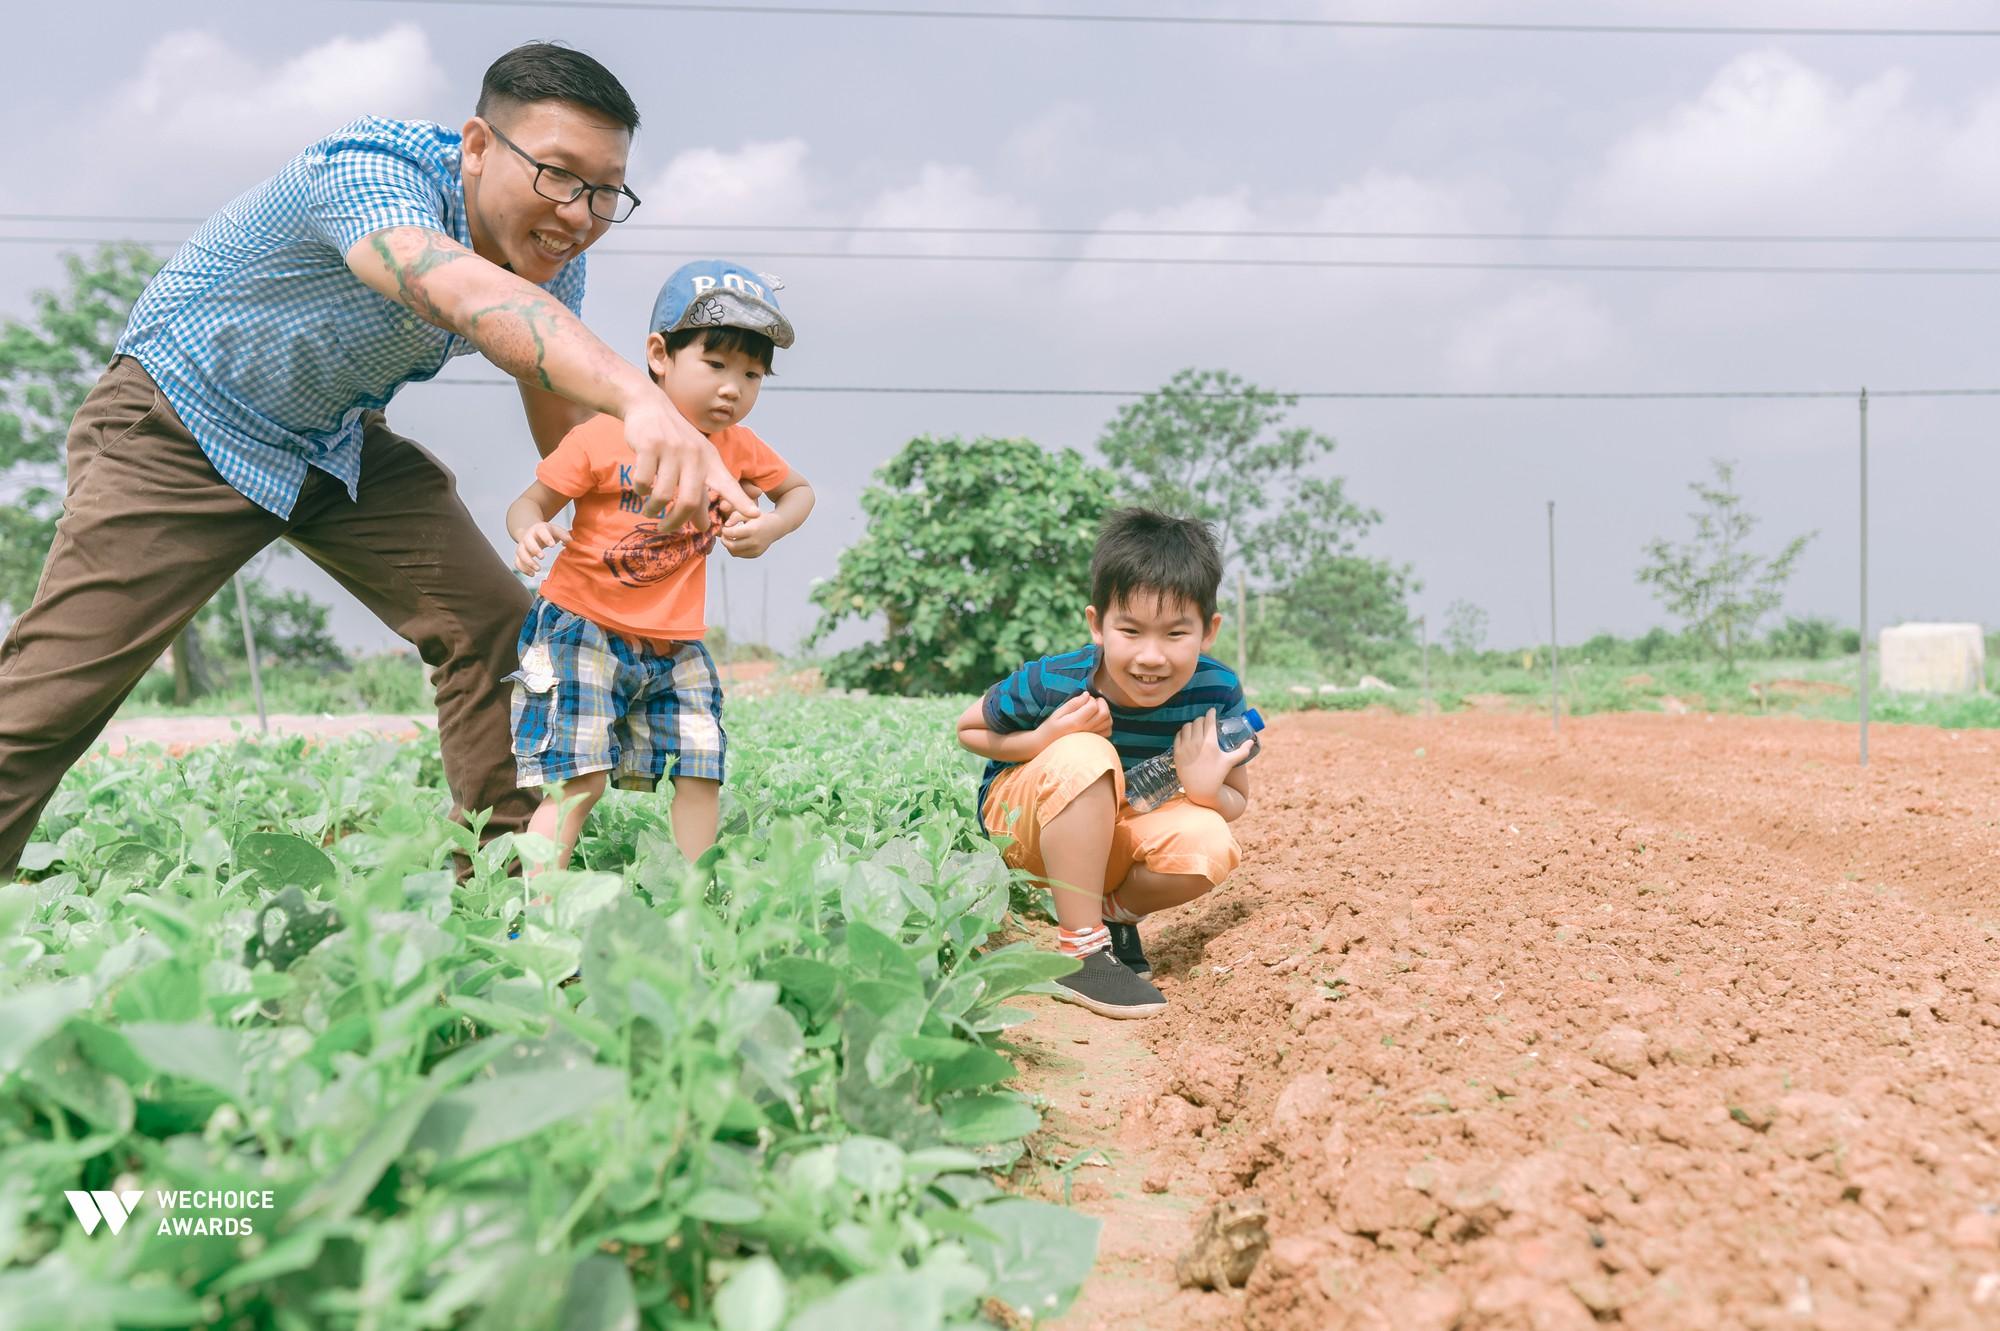 Đầu bếp Nguyễn Mạnh Hùng: Đàn ông phải biết tự nấu ăn để chăm sóc chính mình, rồi mới biết cách chăm sóc mọi người xung quanh - Ảnh 3.